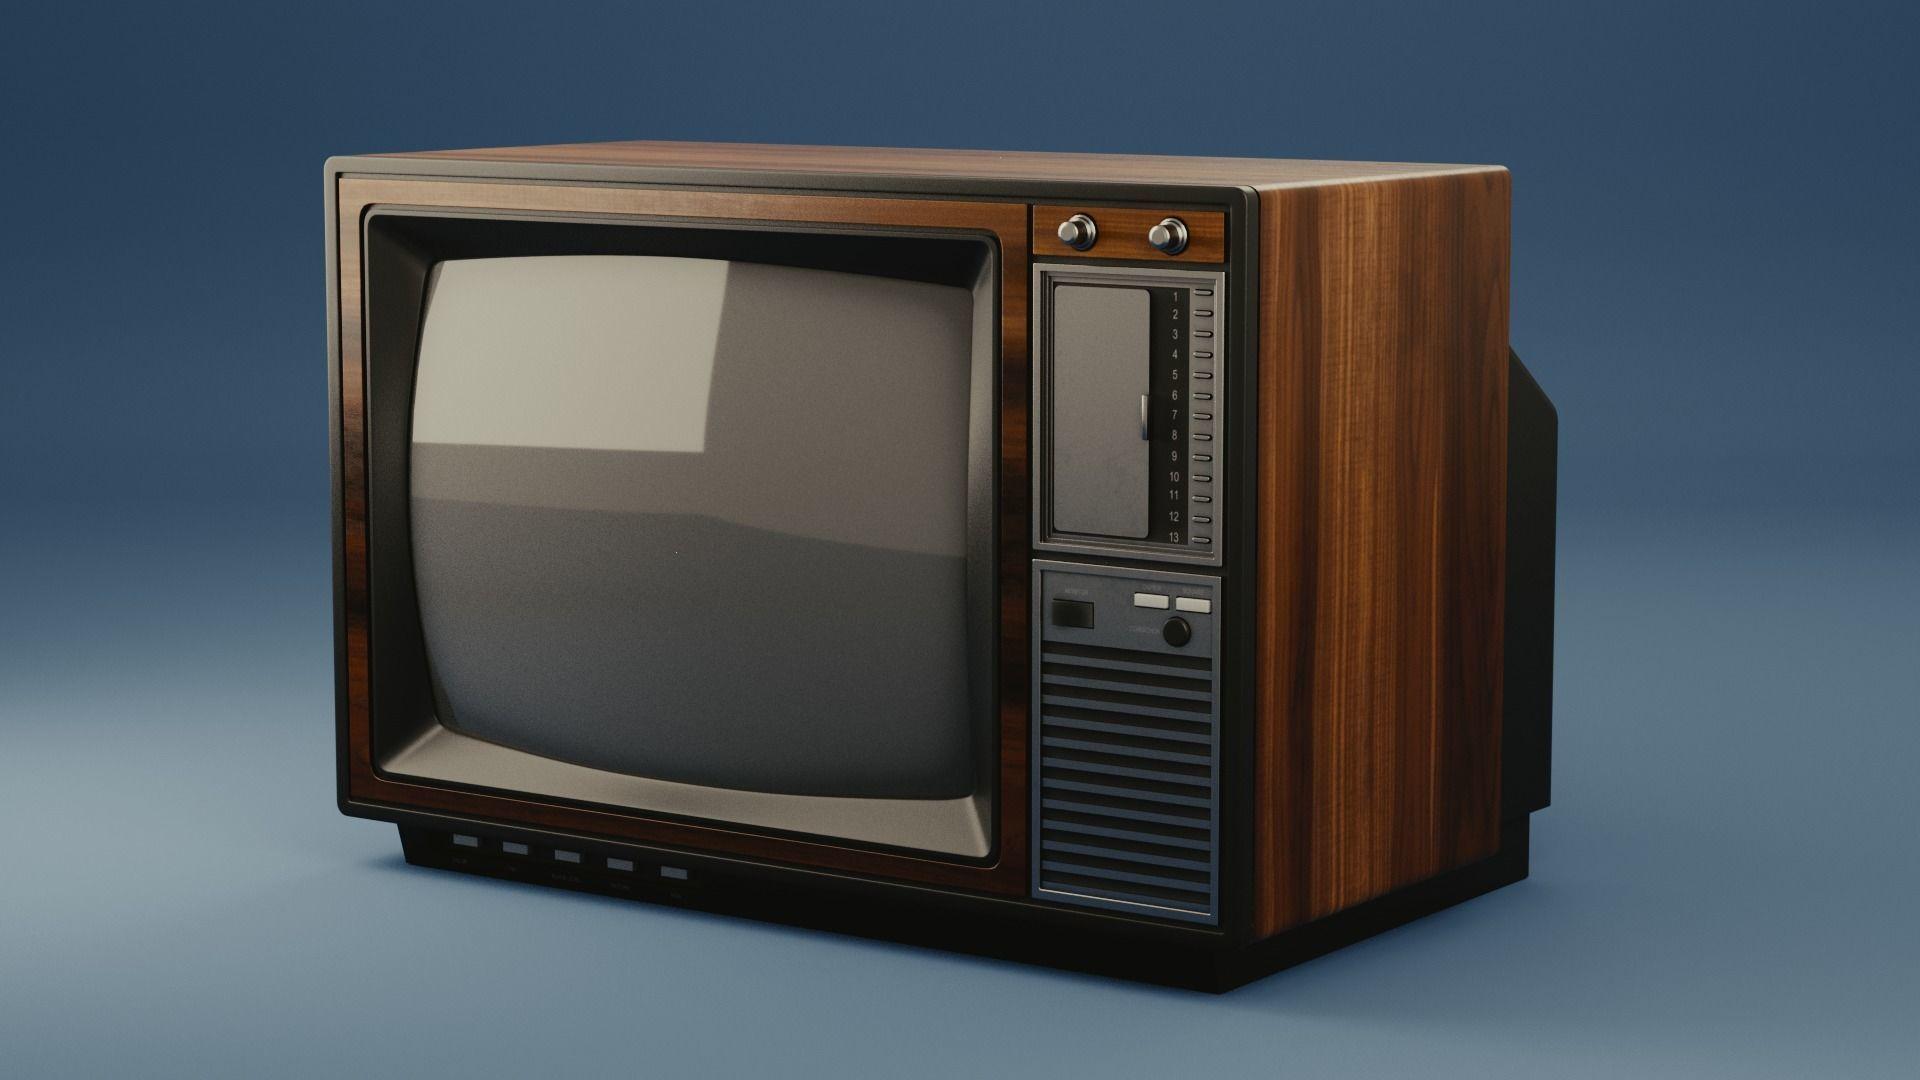 old-television-3d-model-obj-mtl-3ds-fbx-stl-blend-abc.jpg